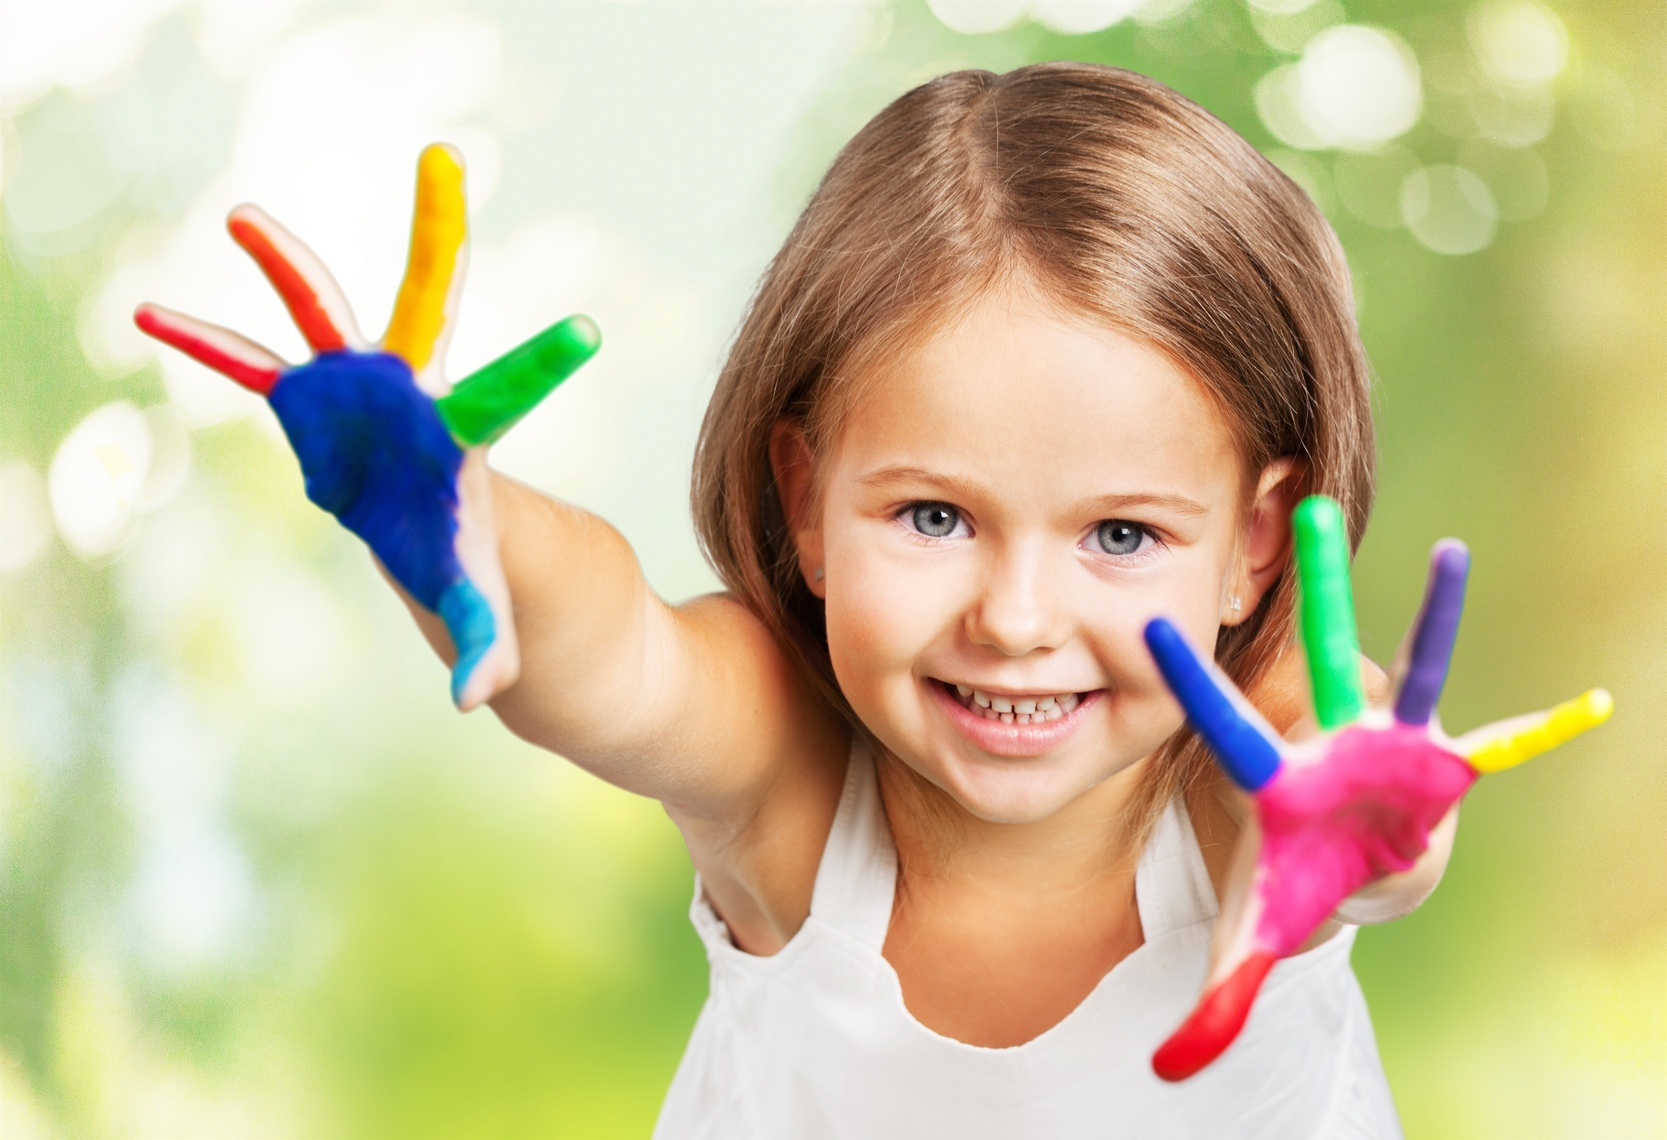 11 Jeux Pour Les Enfants De Moins De 3 Ans | Redcross-Edu serapportantà Jeux Pour Enfant De 11 Ans